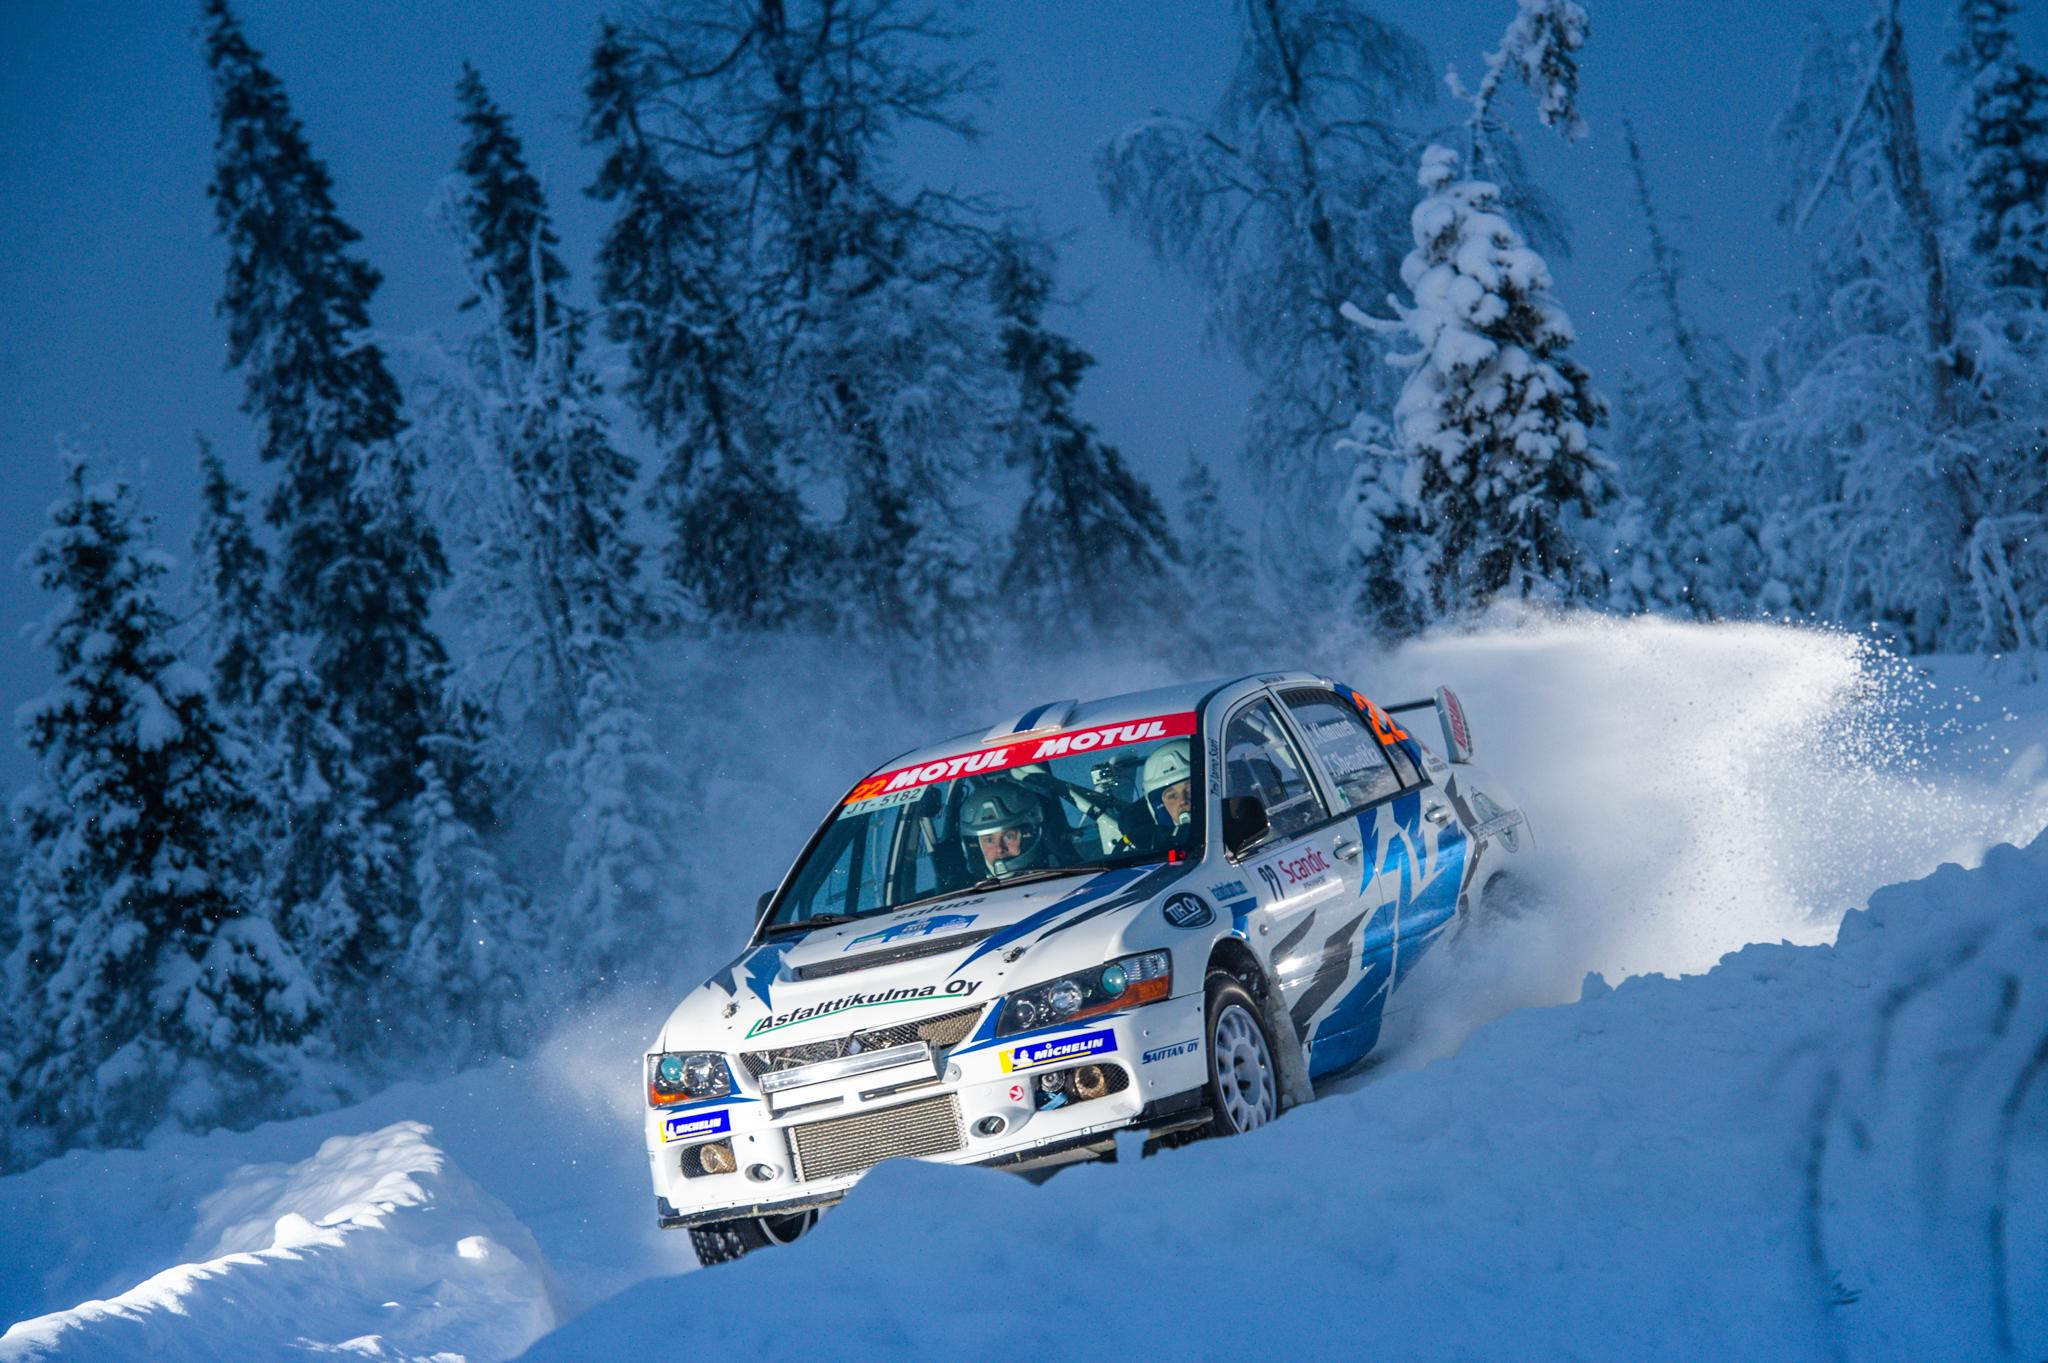 Jaro Kinnunen Taneli_Niinimaki Arctic Lapland Rally Rovaniemi Finland